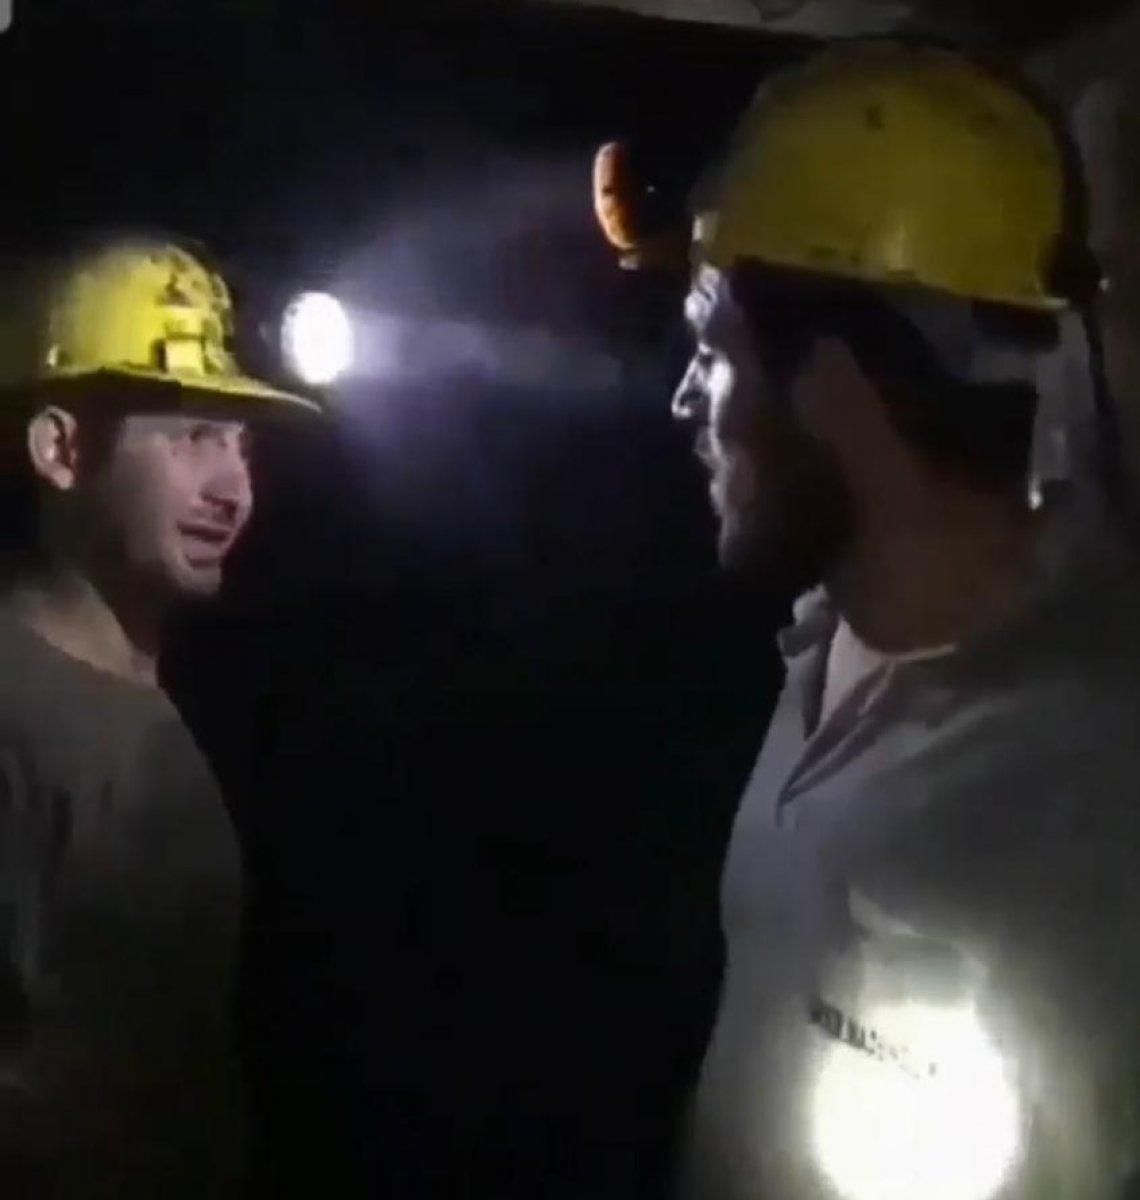 Elazığ da maden ocağındaki kazada ölen kuzenlerin son görüntüleri #4